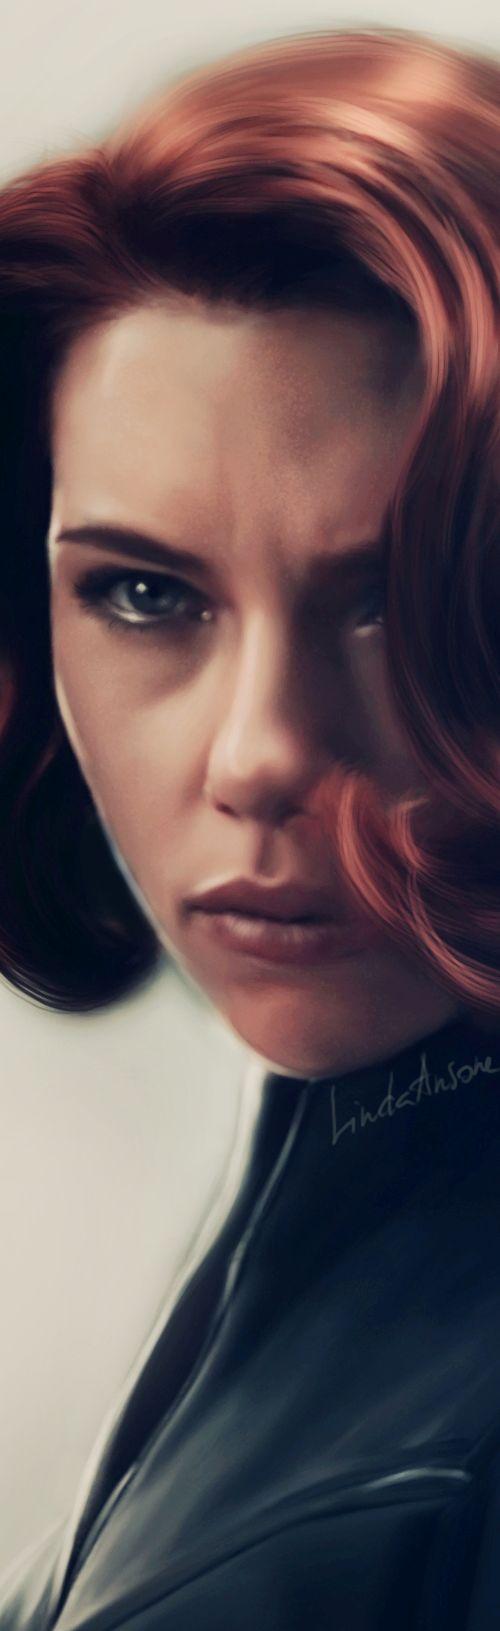 Black Widow - Closeup by LindaMarieAnson.deviantart.com on @deviantART